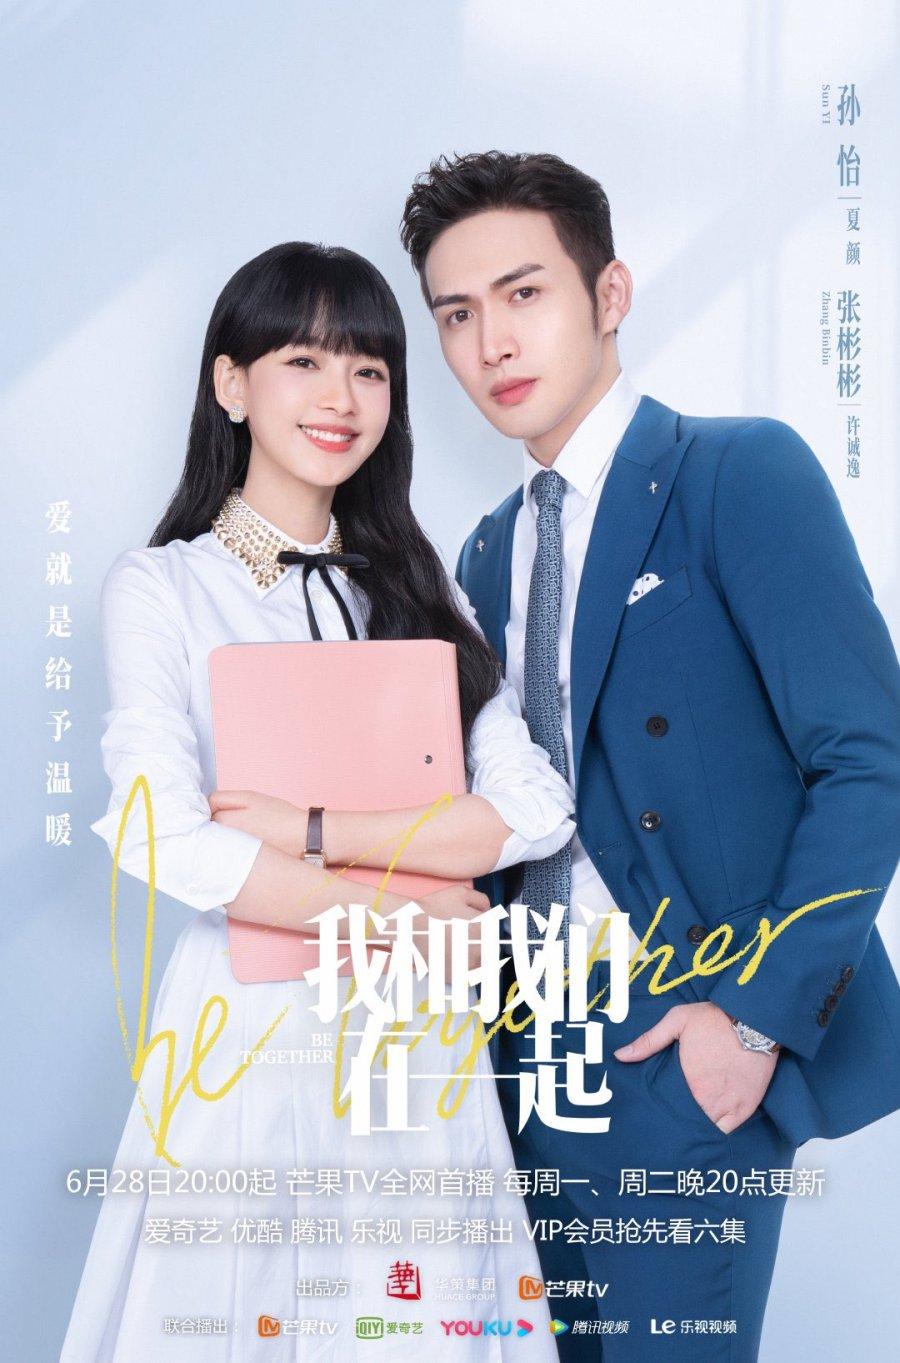 be-together-ด้วยรัก-ซับไทย-ep-1-35